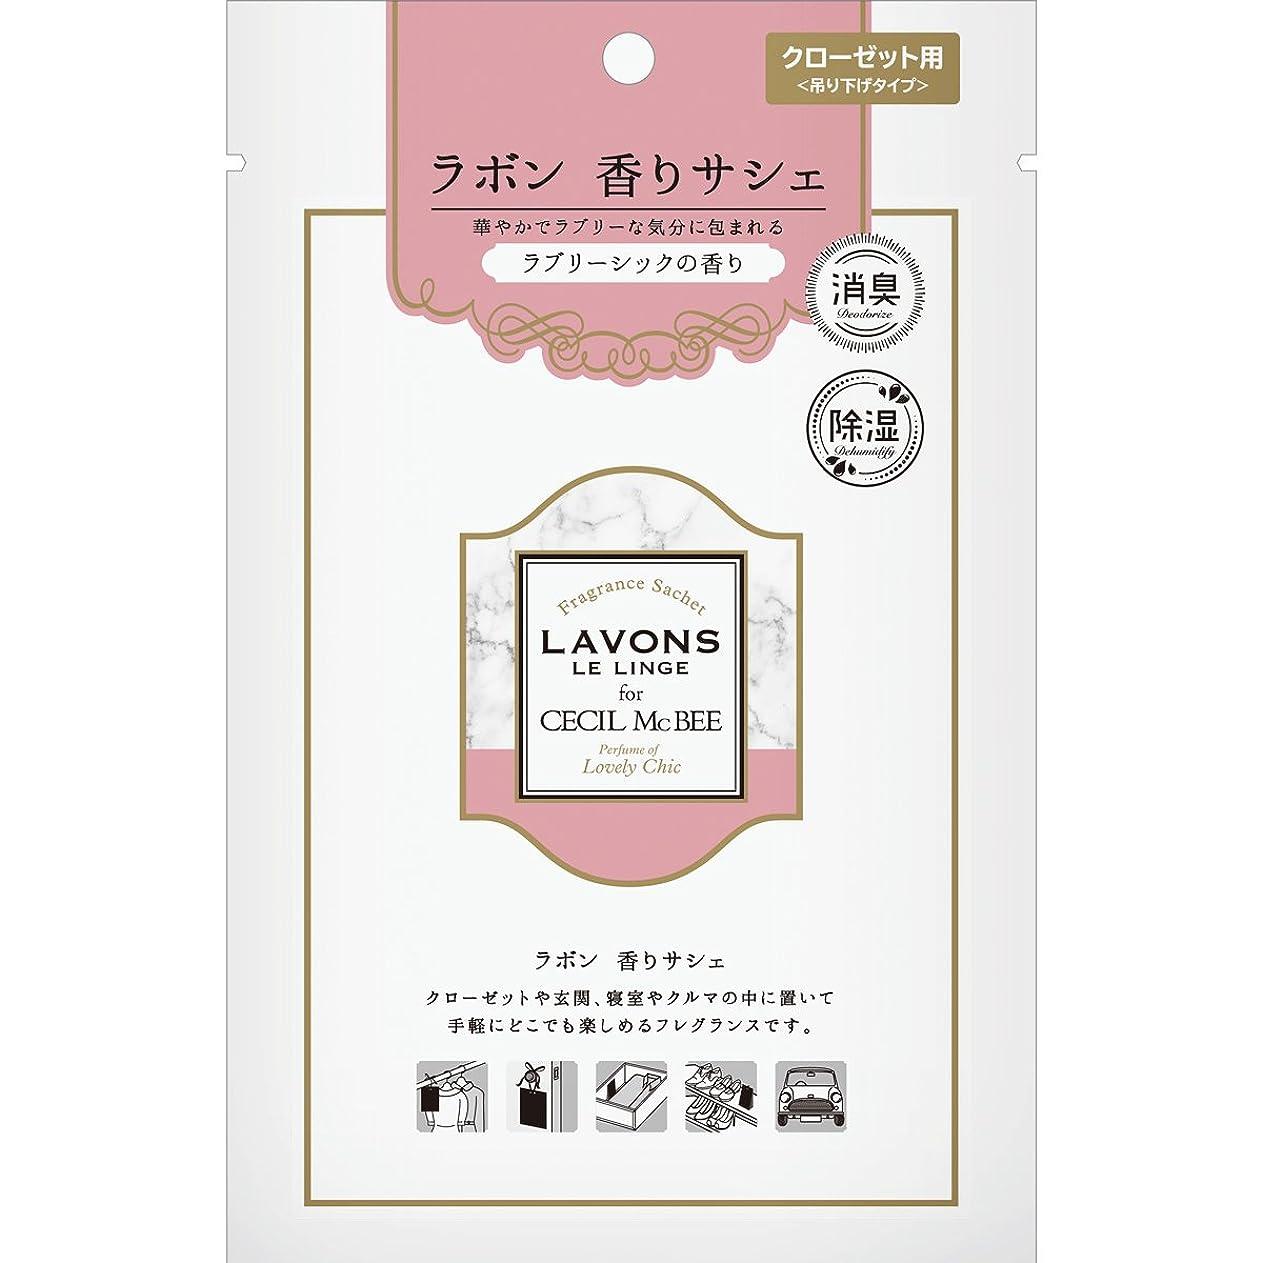 美人言語学平衡ラボン for CECIL McBEE 香りサシェ (香り袋) ラブリーシックの香り 20g